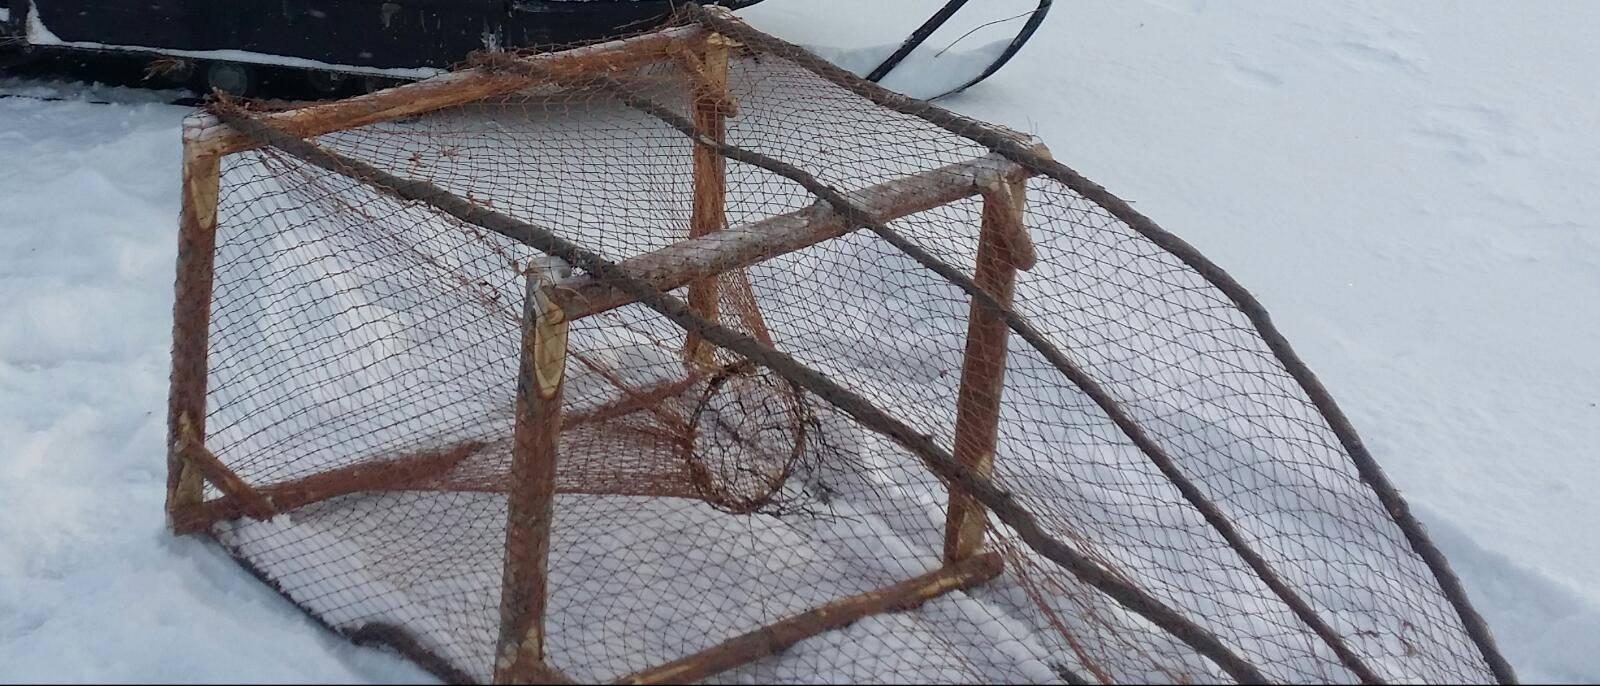 Ловушки для рыбы: как сделать ловушку и поймать рыбу без удочки